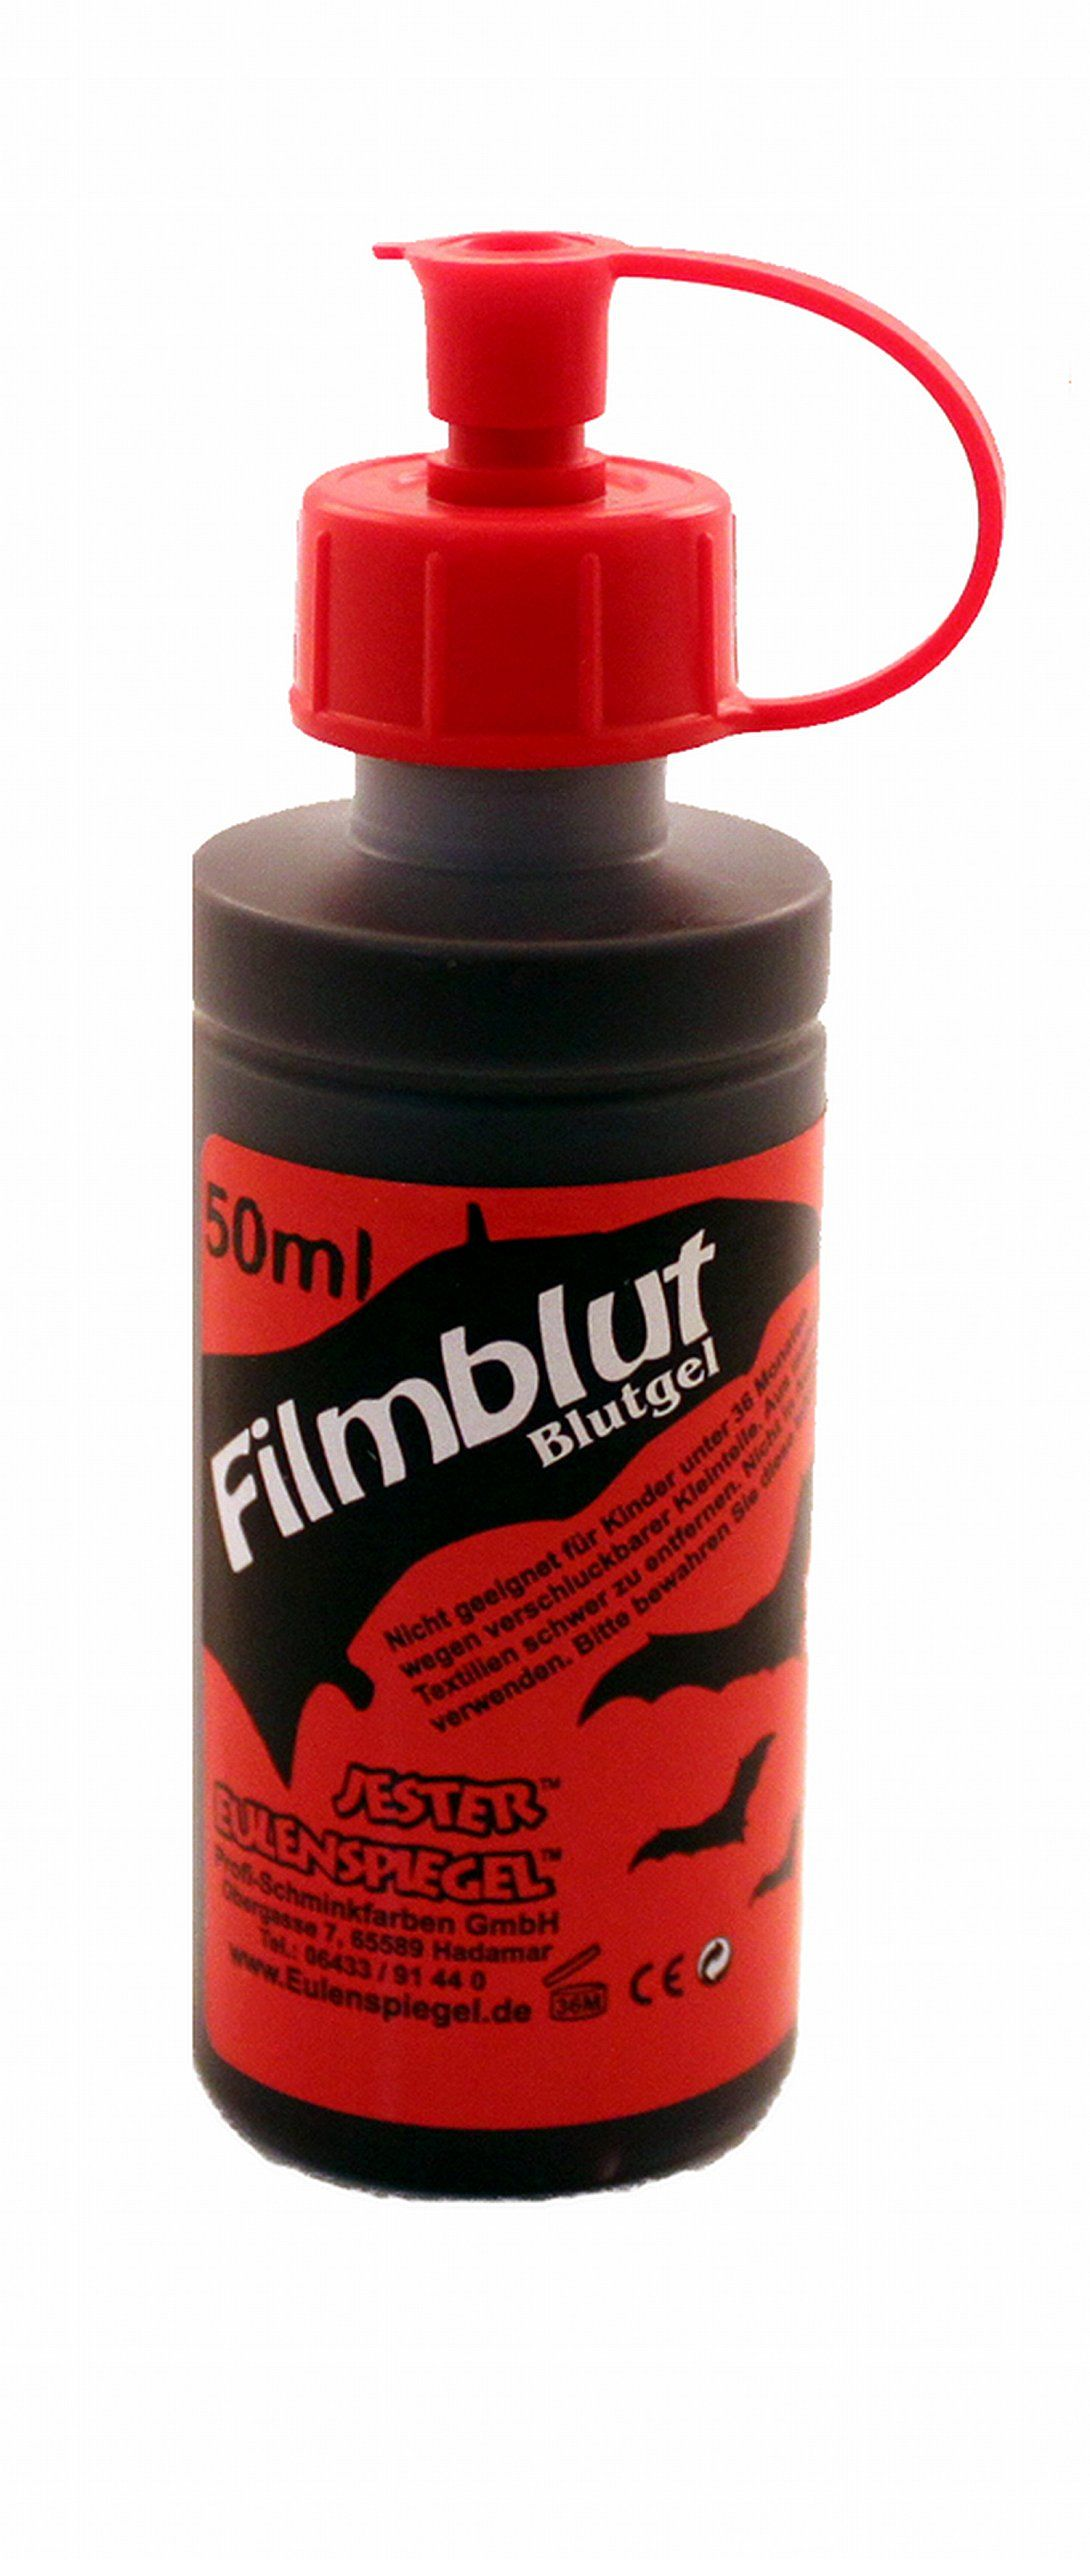 Eulenspiegel 405017 - kwiat filmowy, 50 ml, sztuczna krew do efektów specjalnych